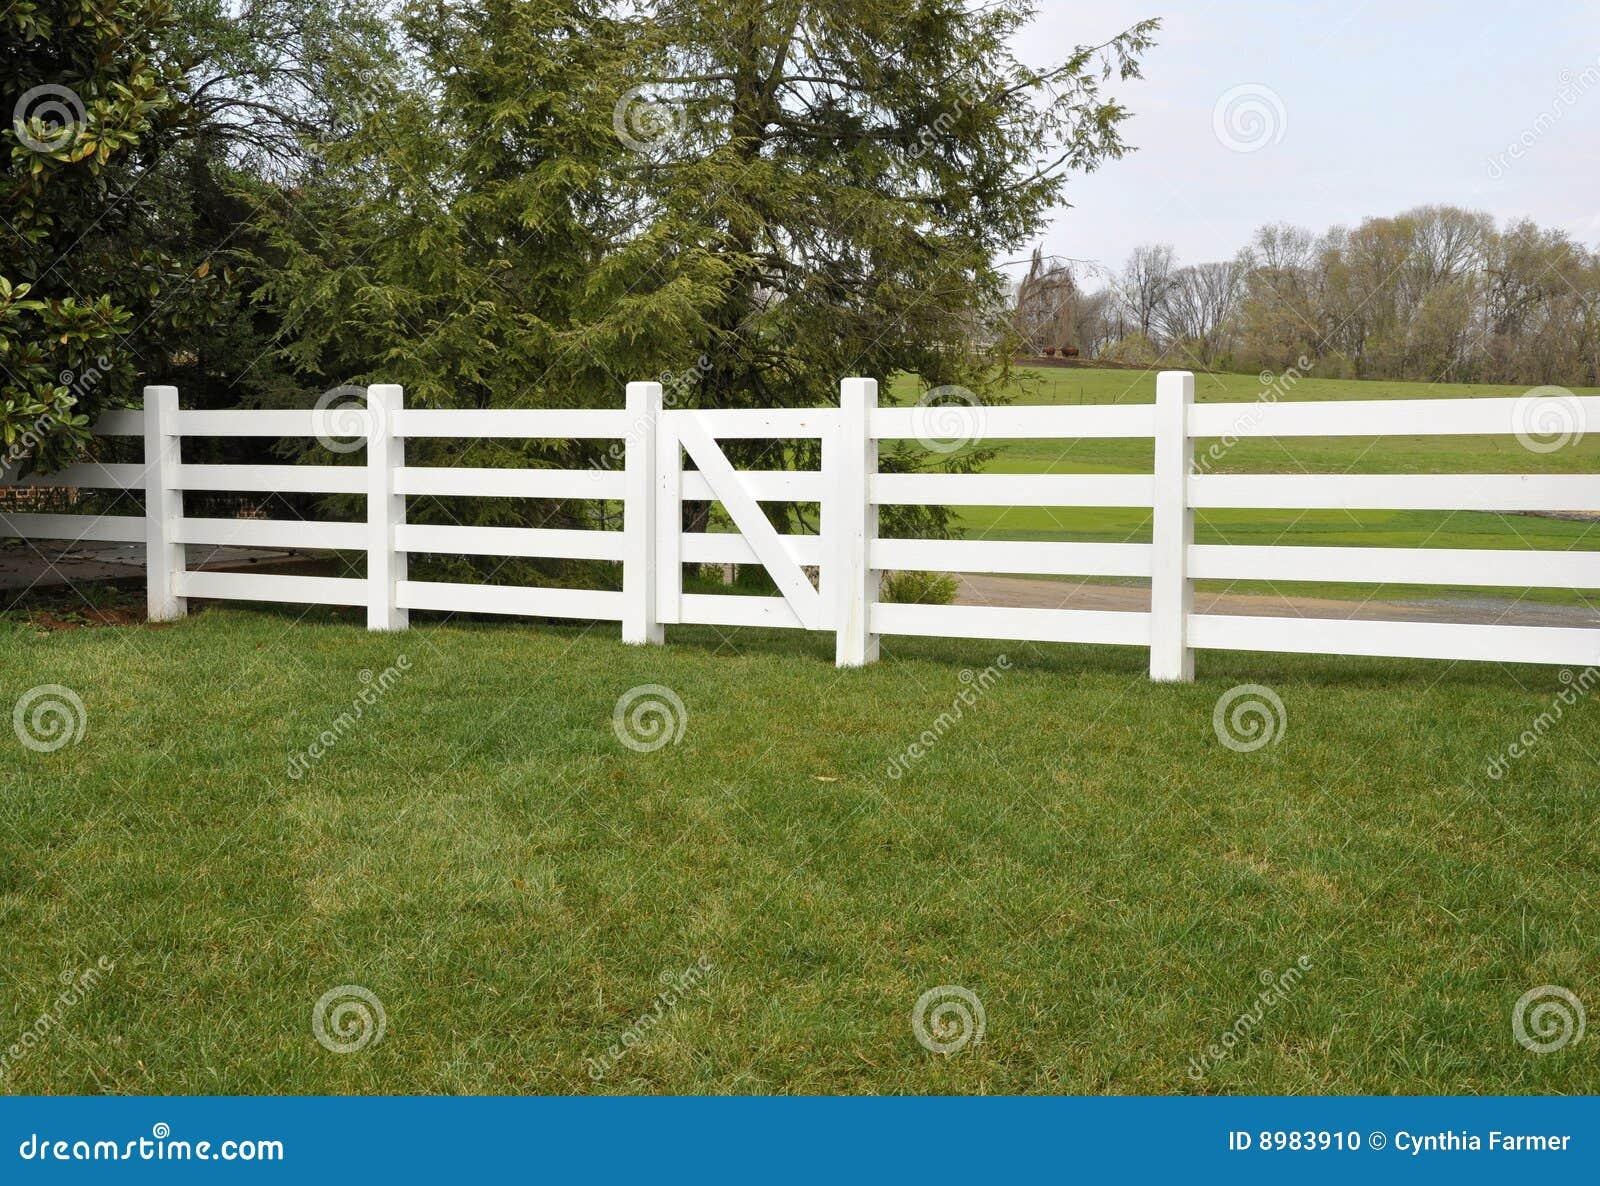 weißer zaun durch eine wiese stockfoto - bild von sperre, lang: 8983910